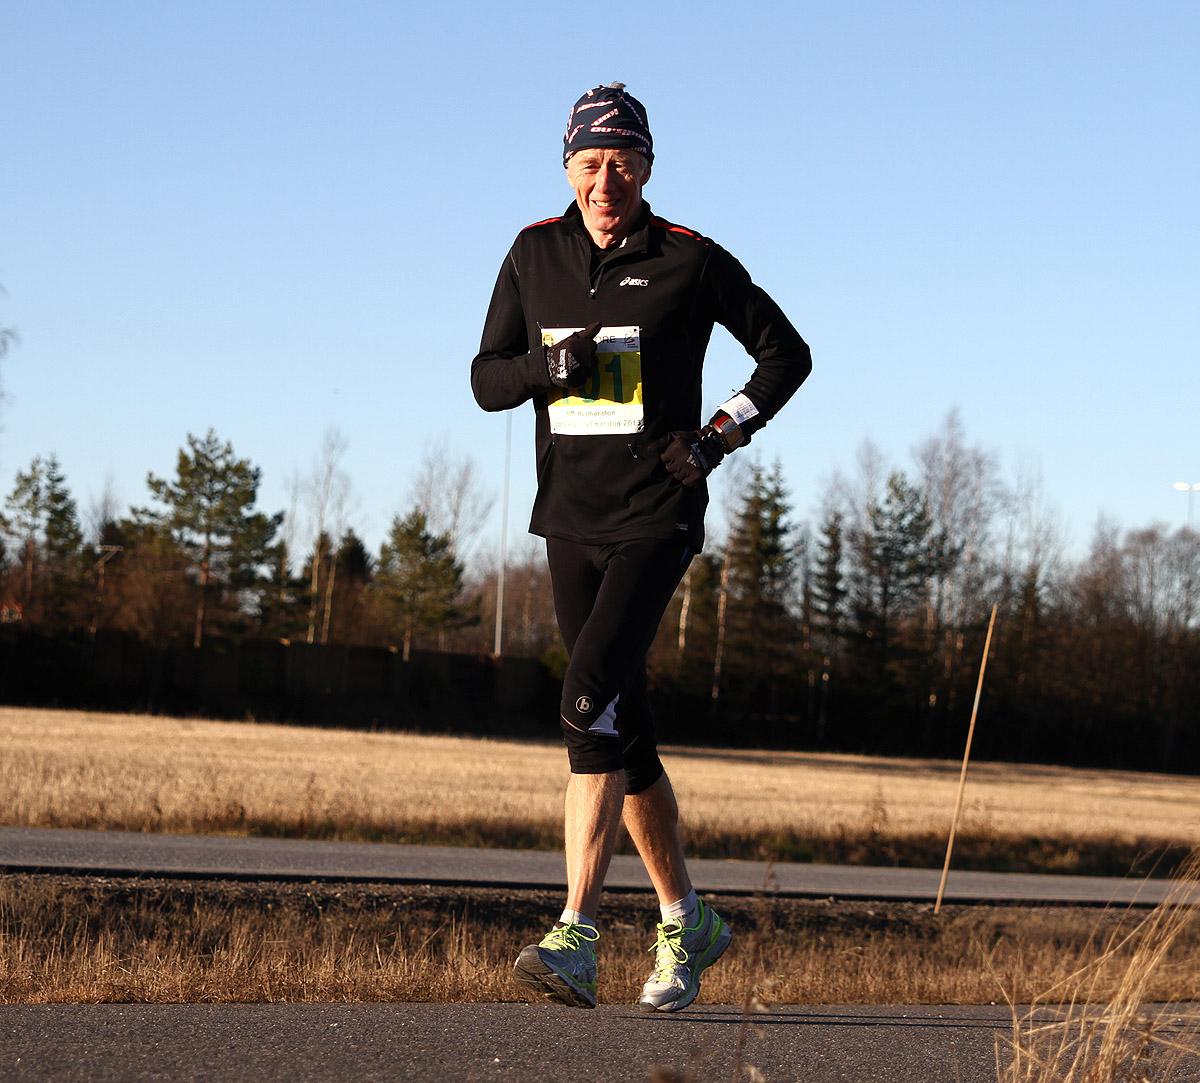 Vintermaraton2013_Torodd_Lybeck_16km.jpg